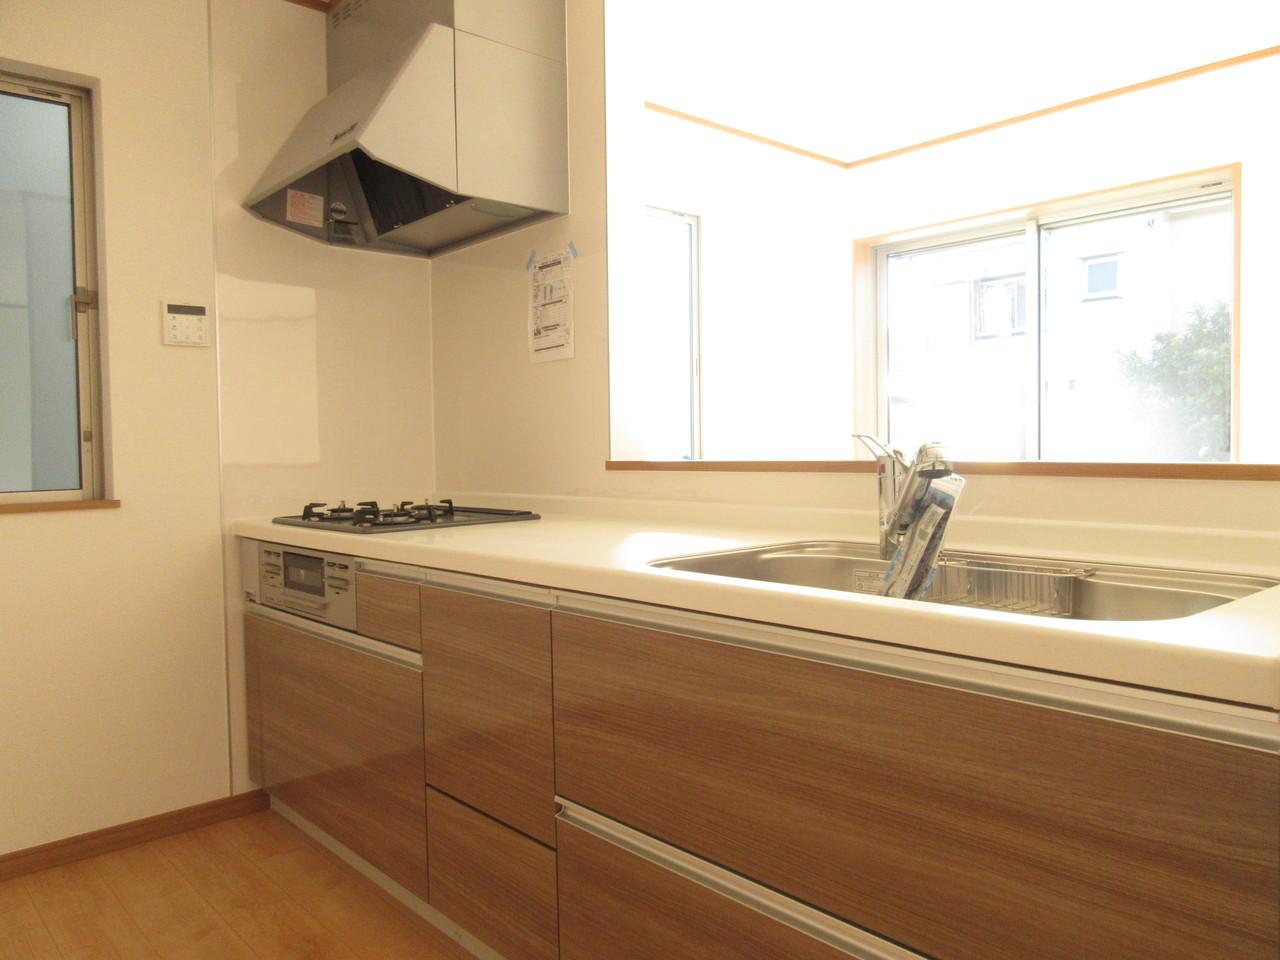 使いやすく機能的なキッチン。 作業スペースもあるのでお子様とお料理も楽しめます。